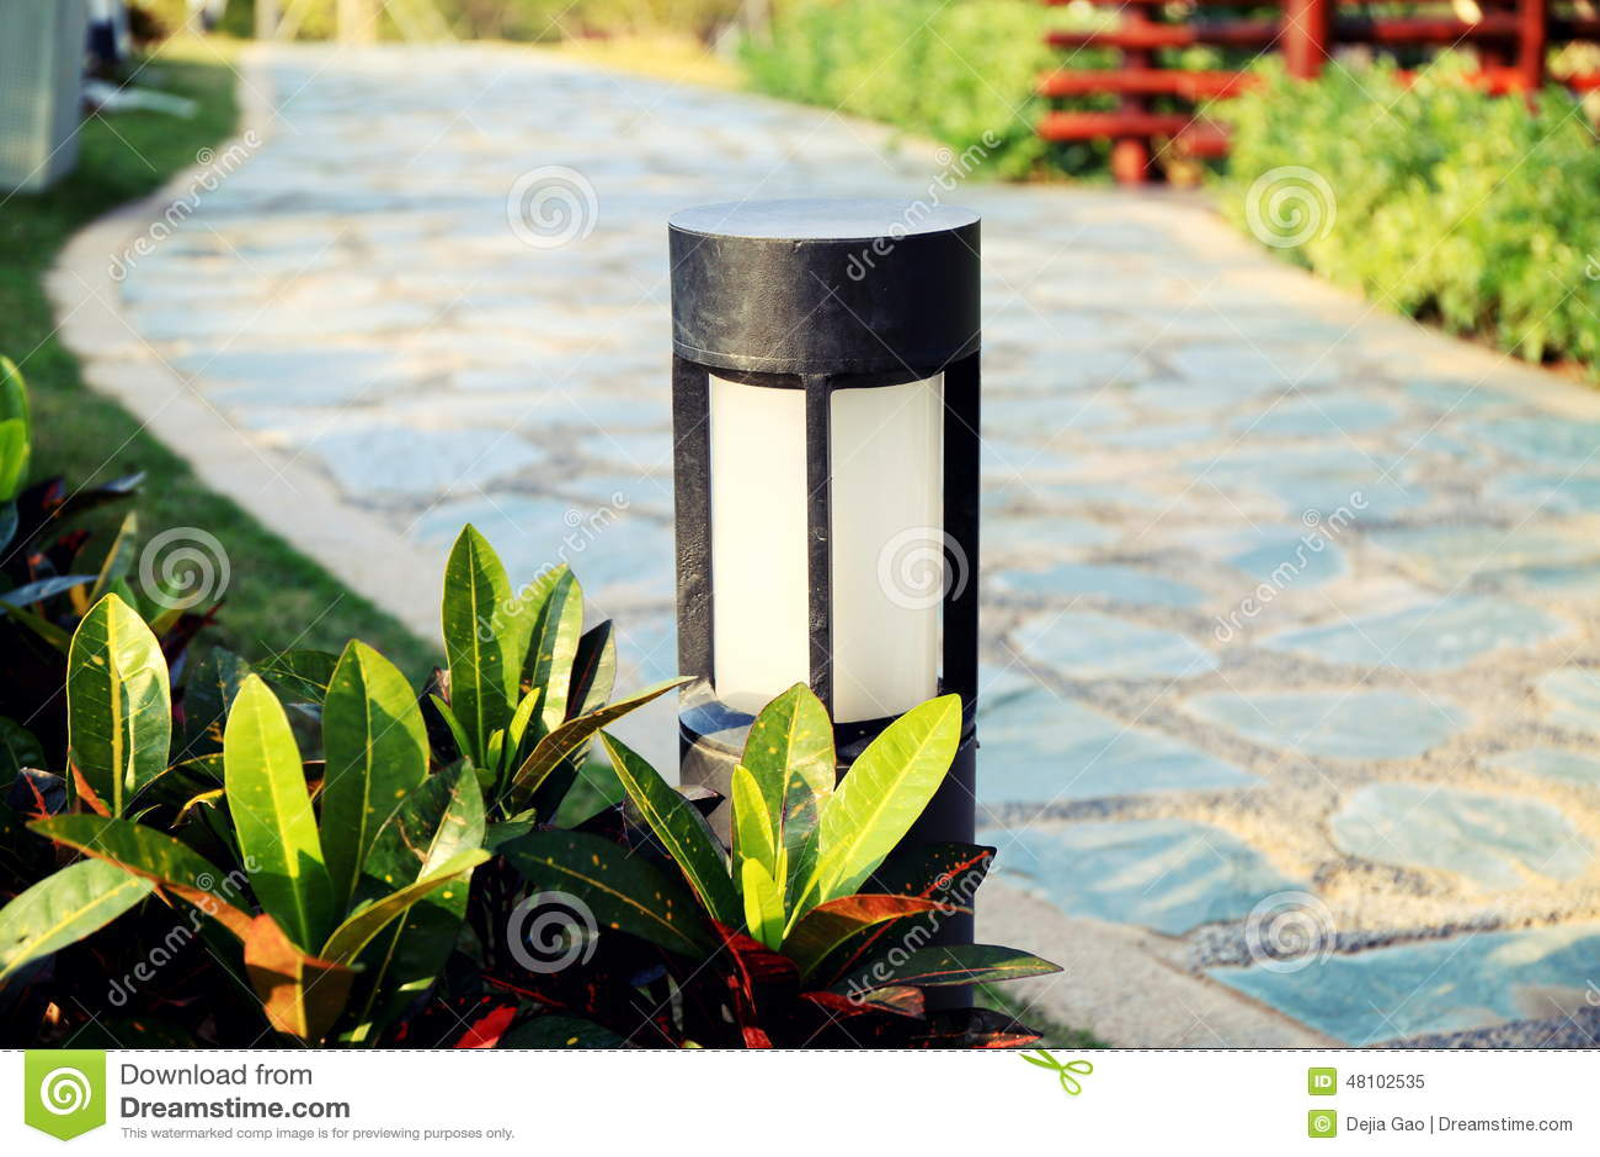 Lâmpada moderna do gramado, luz do gramado, lâmpada do jardim, iluminação da paisagem